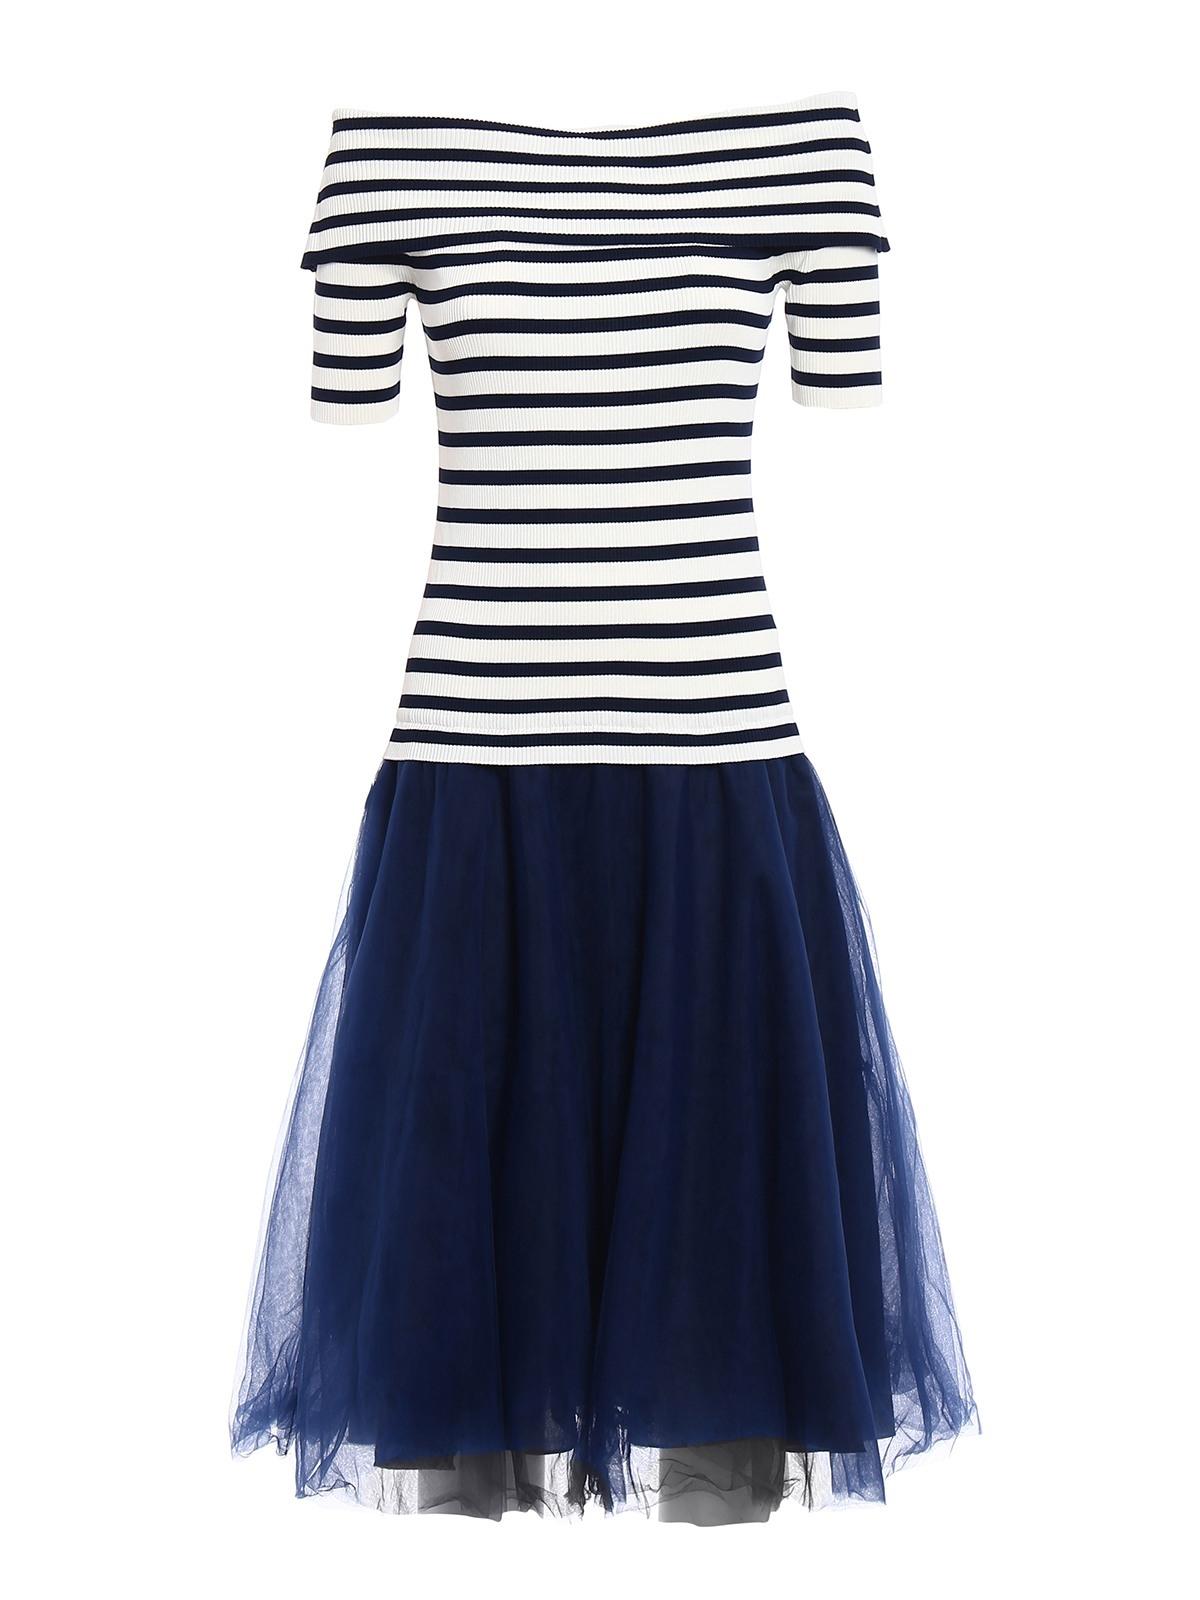 Abend Ausgezeichnet Kleid Dunkelblau Knielang Design17 Top Kleid Dunkelblau Knielang Boutique